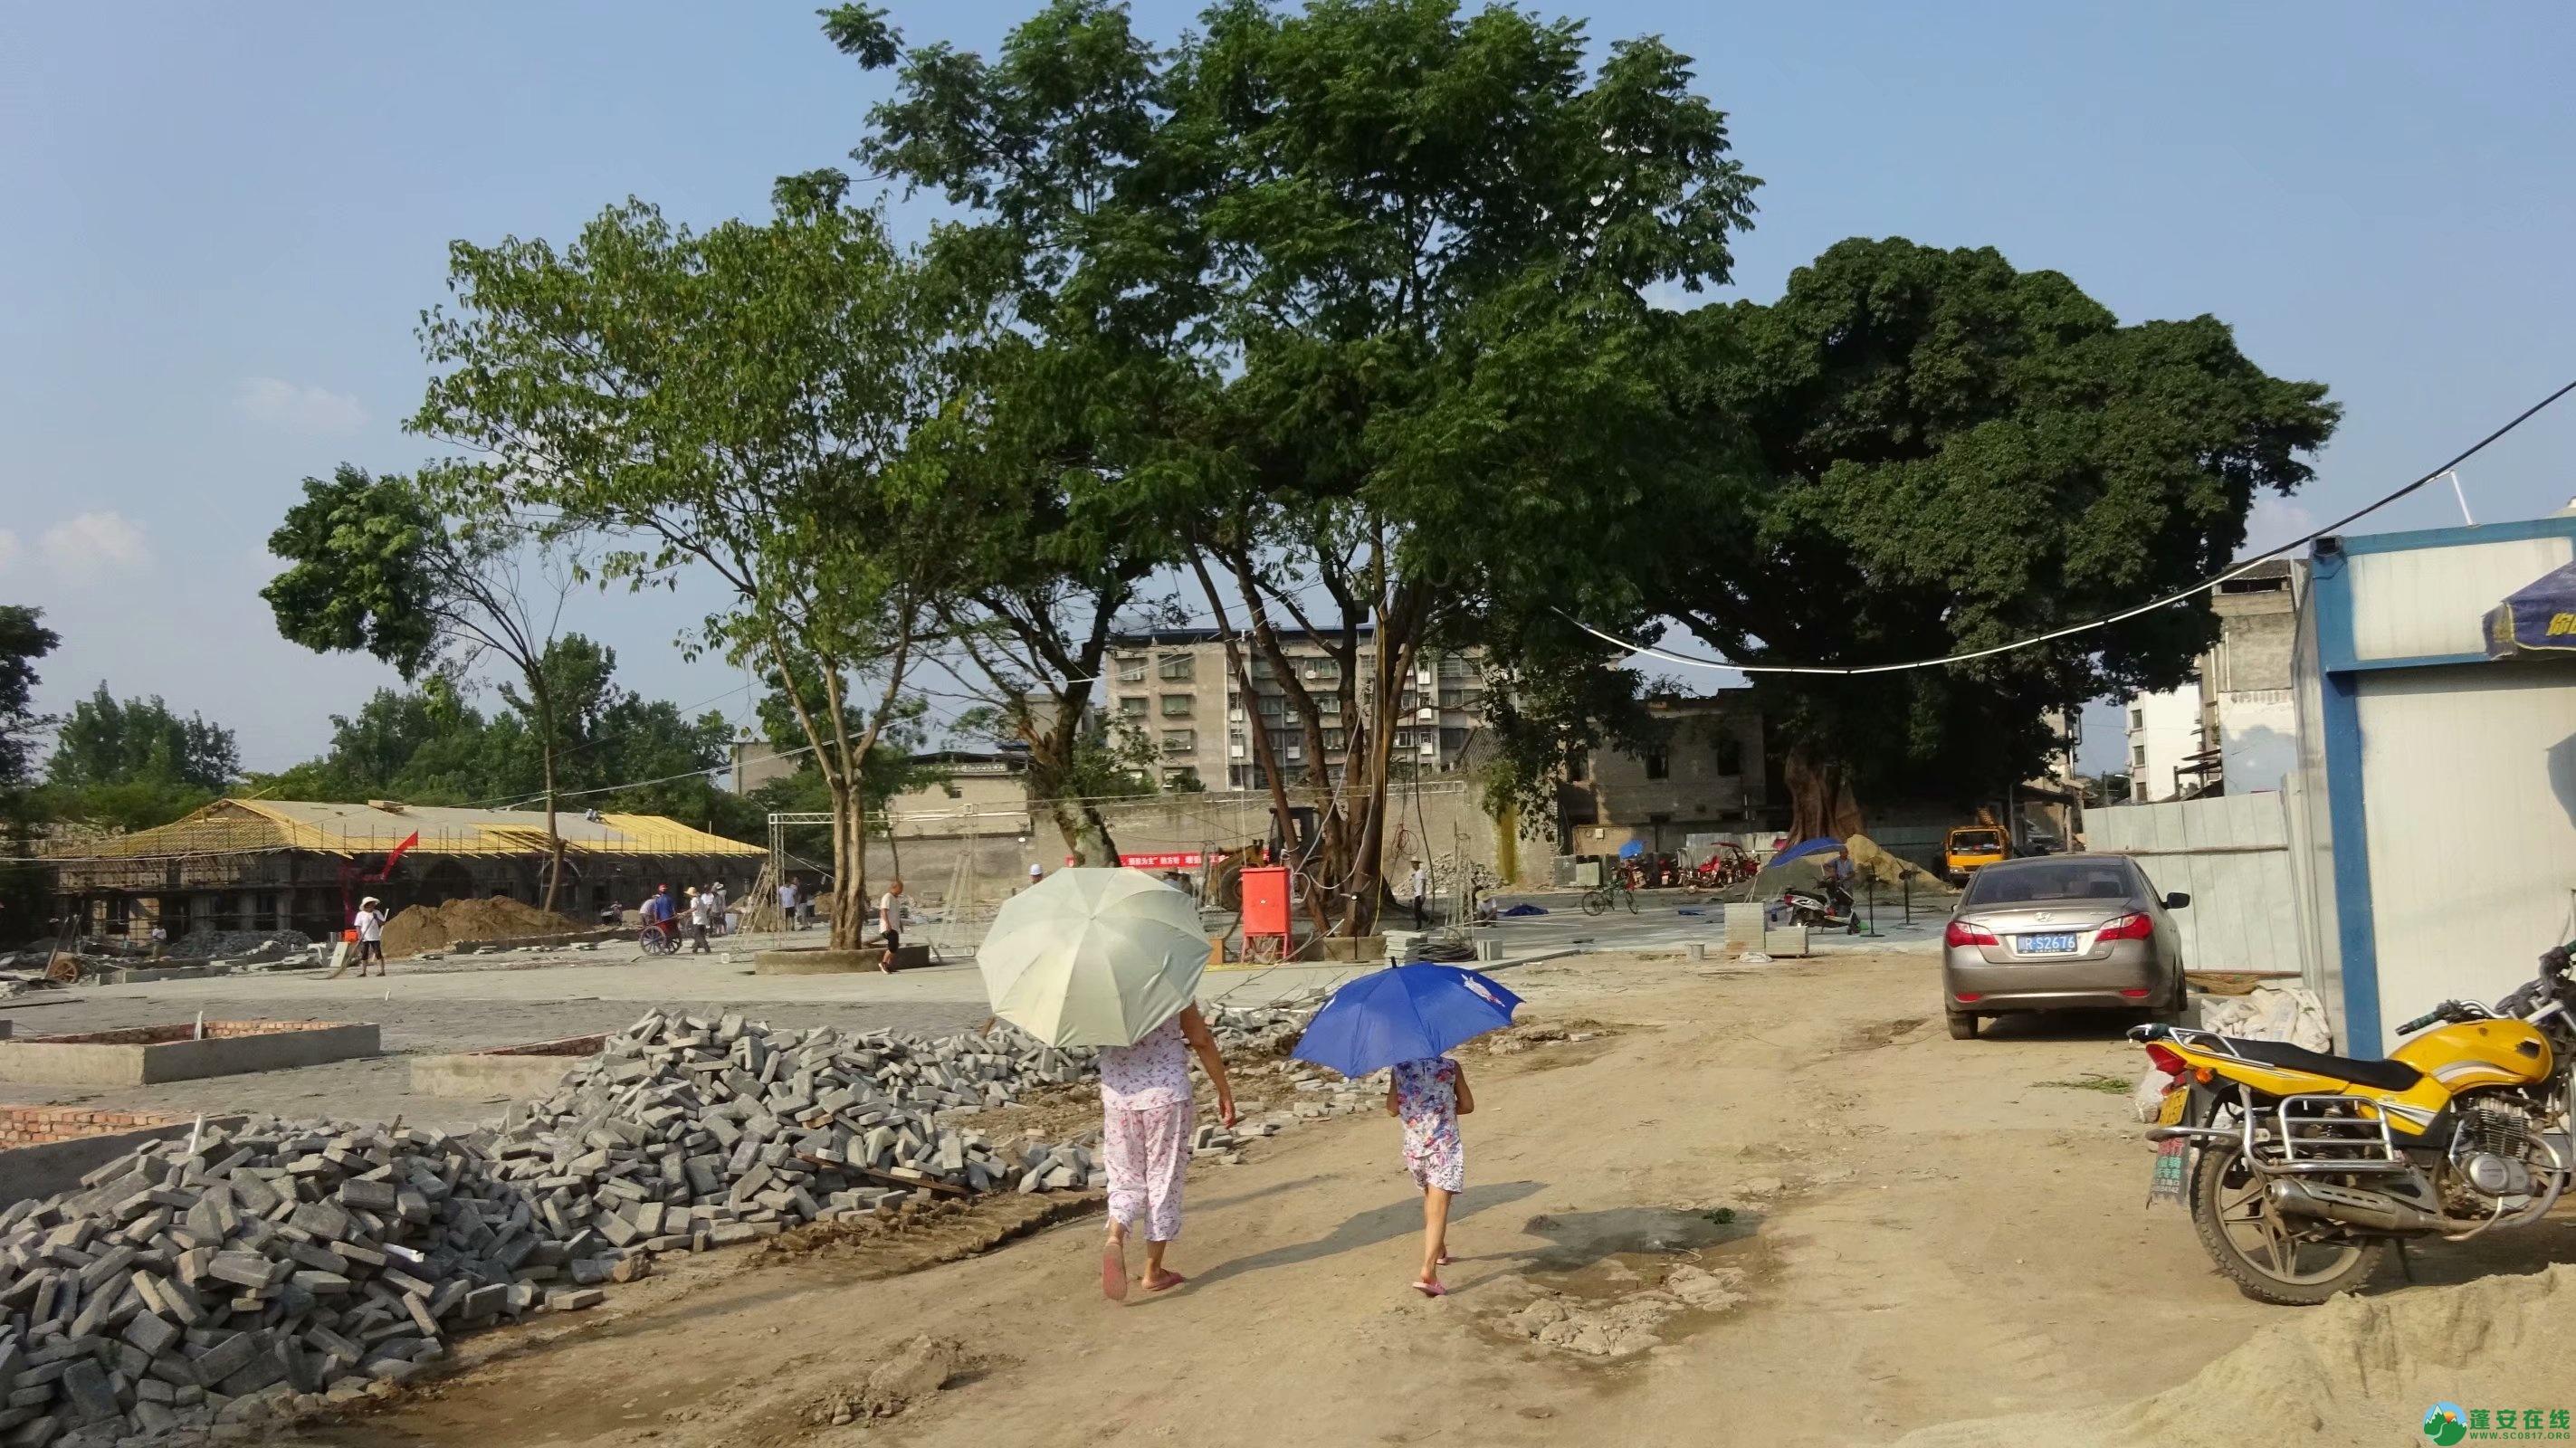 蓬安锦屏相如故城建设迅猛 - 第68张  | 蓬安在线